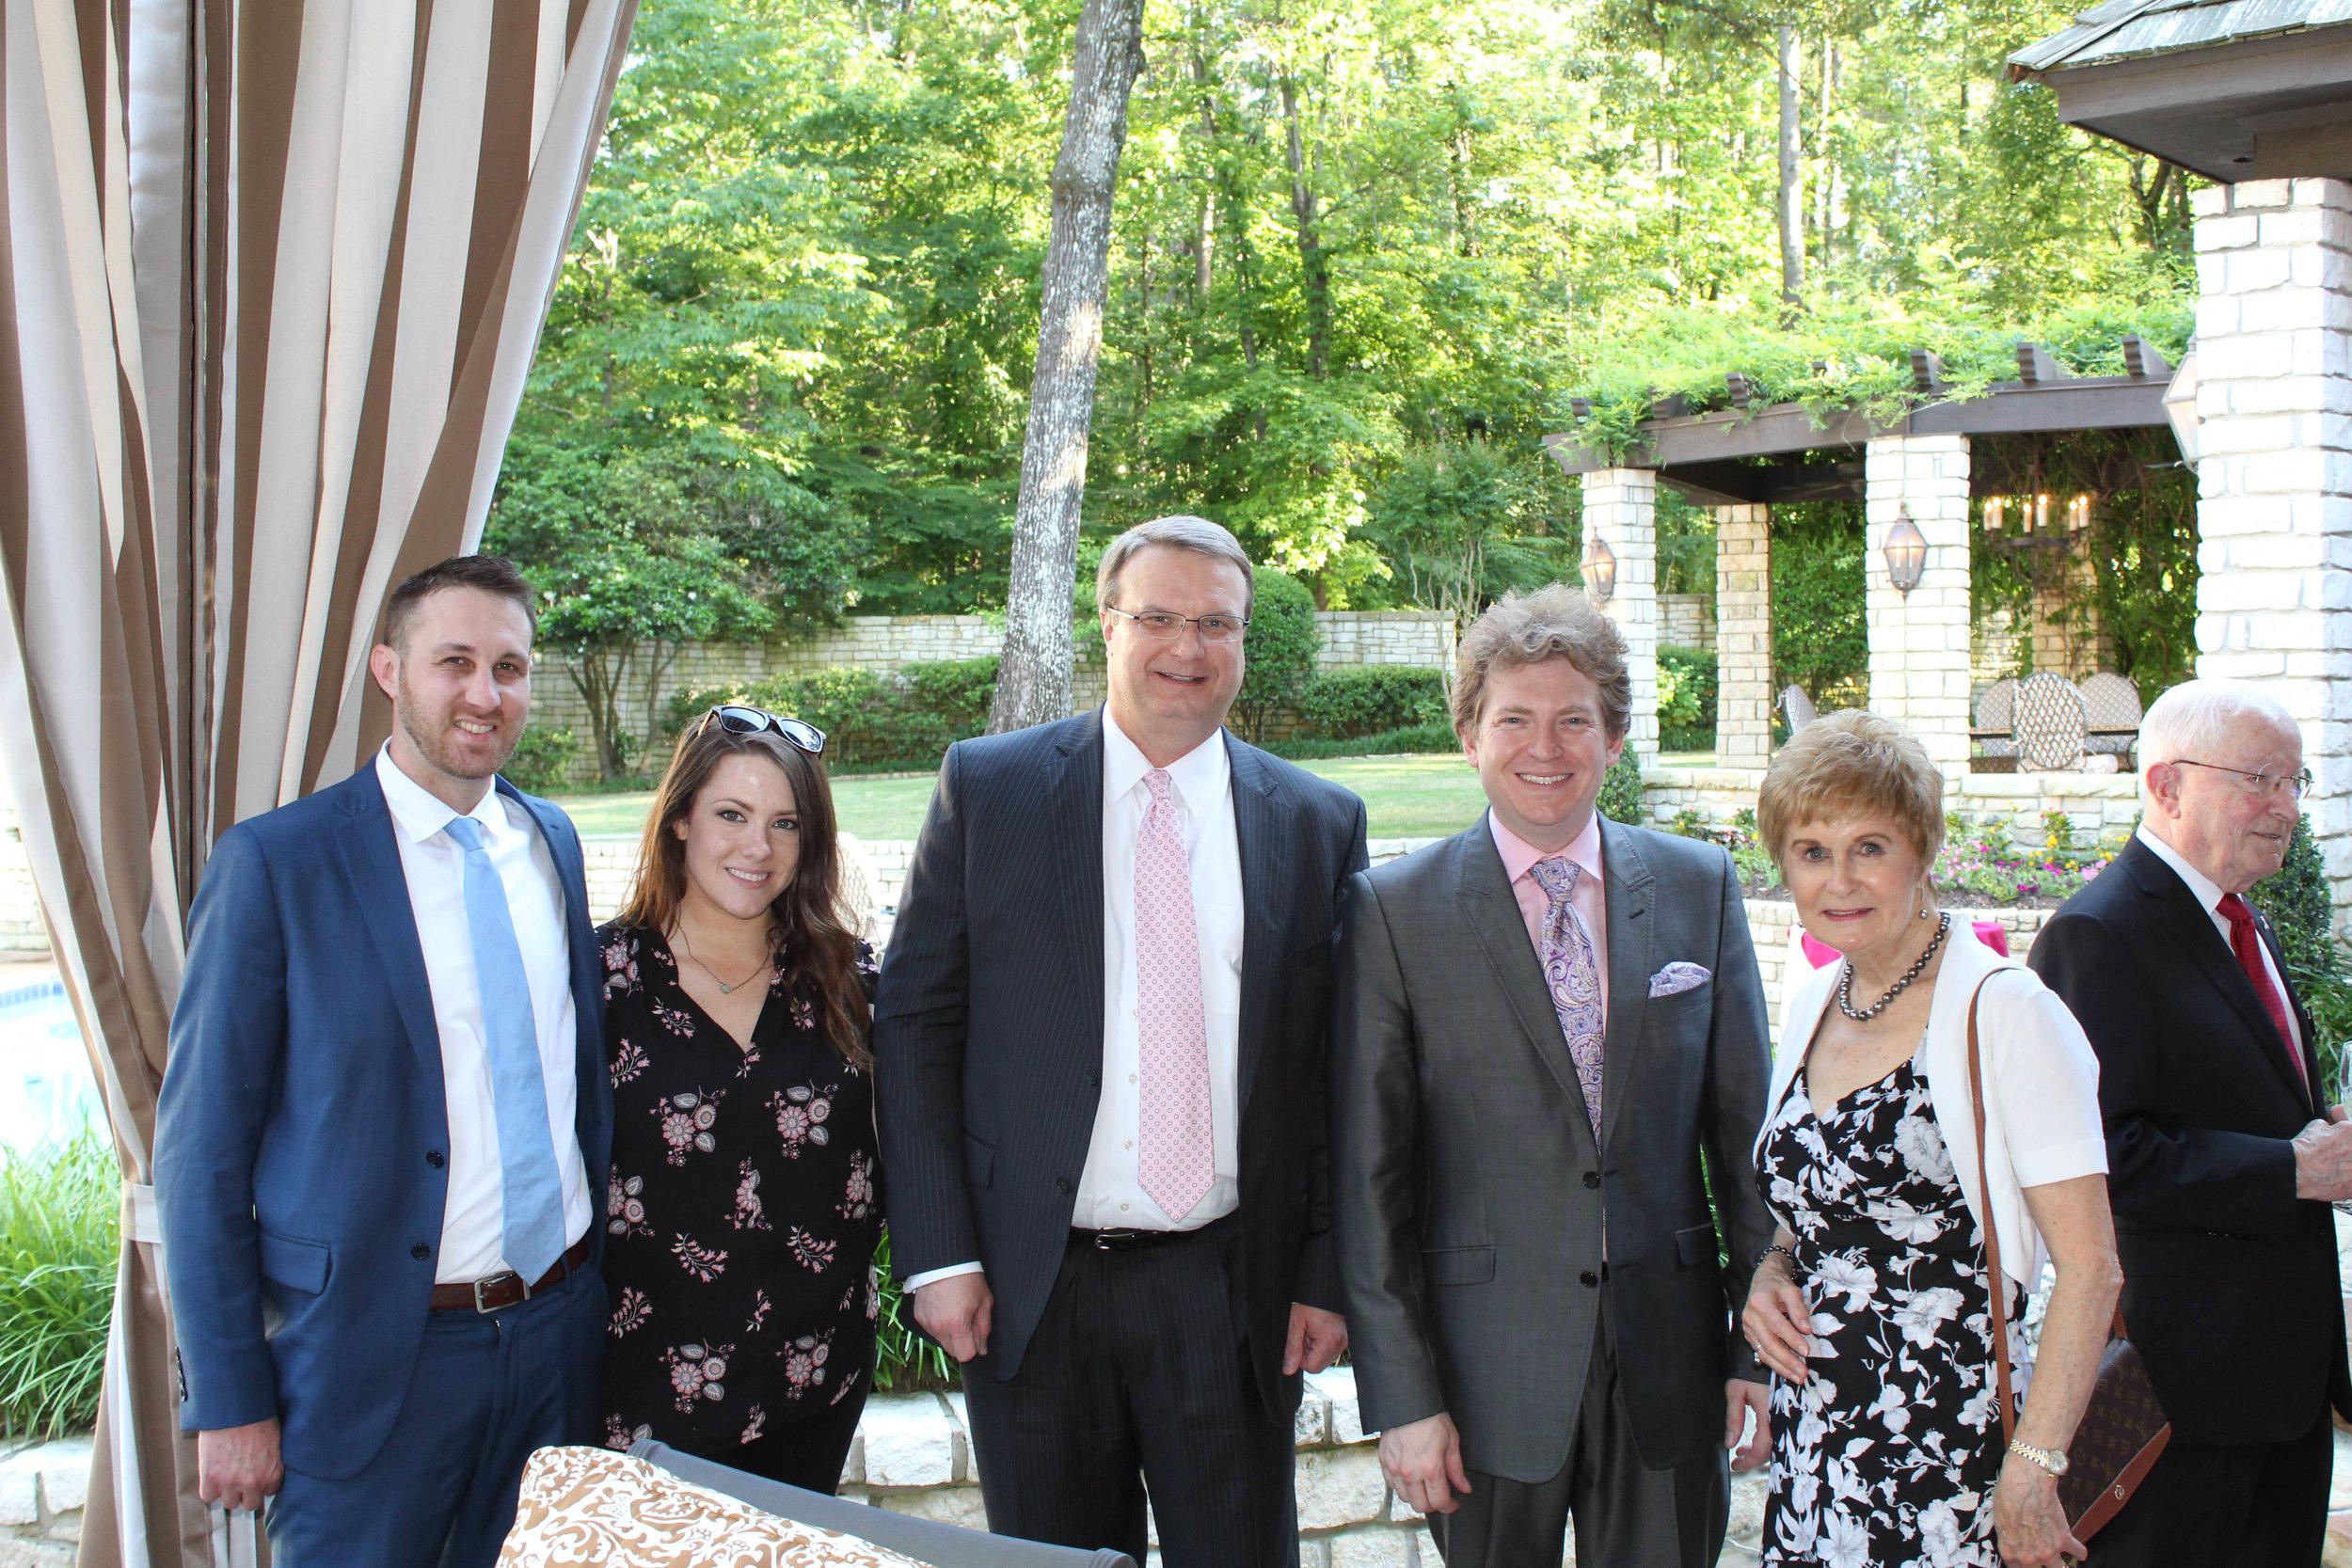 Jason and Lauren Ross, Andrew Clark, Philip Mann and Jo Kahler